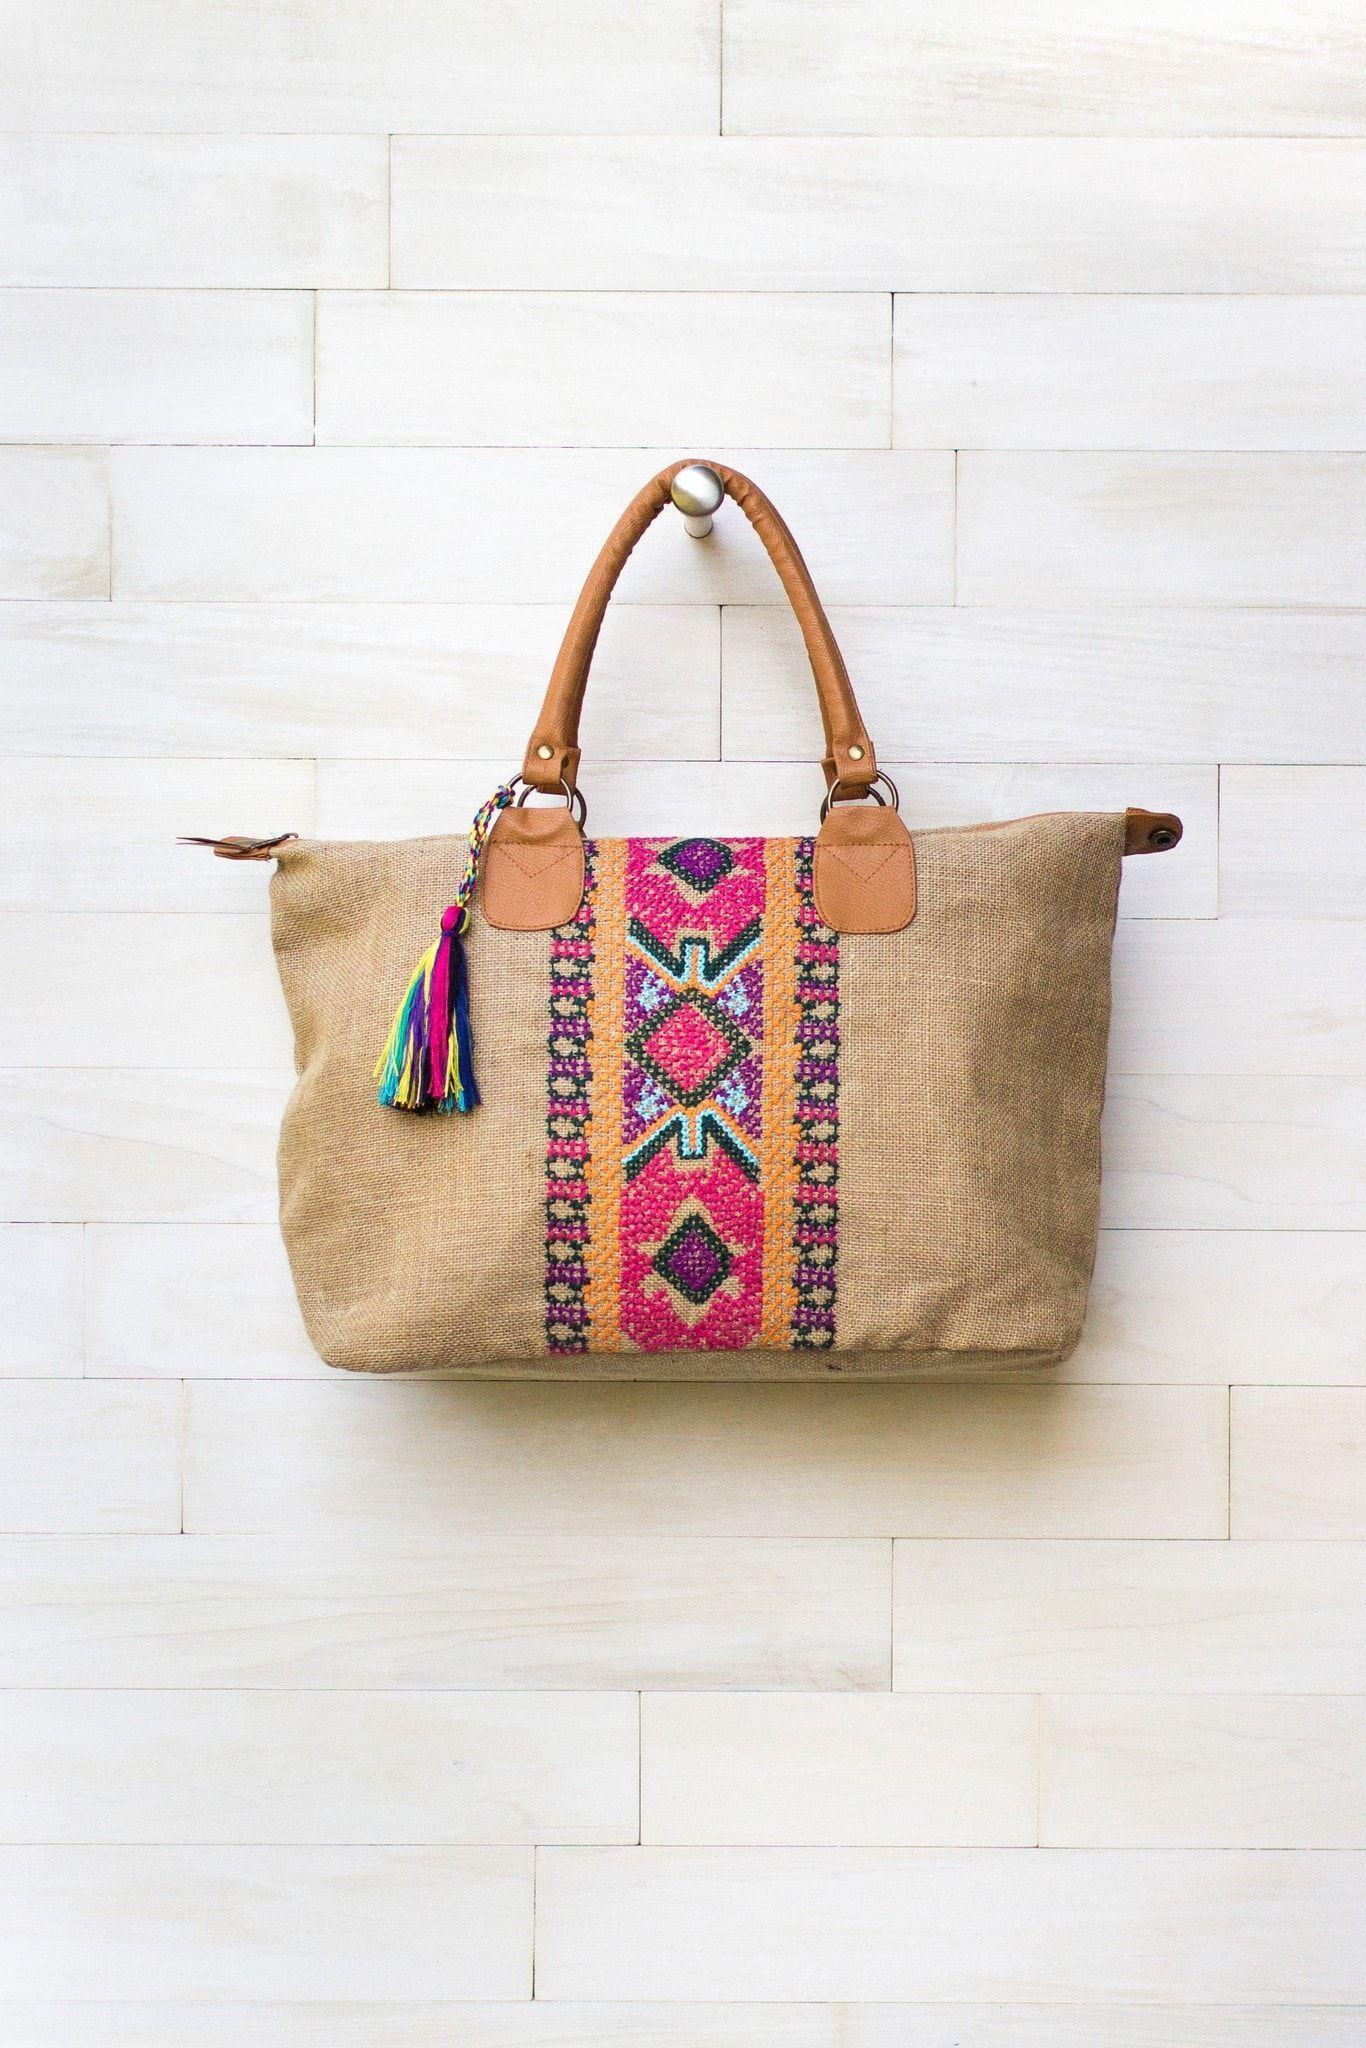 Analia Embroidered Bag